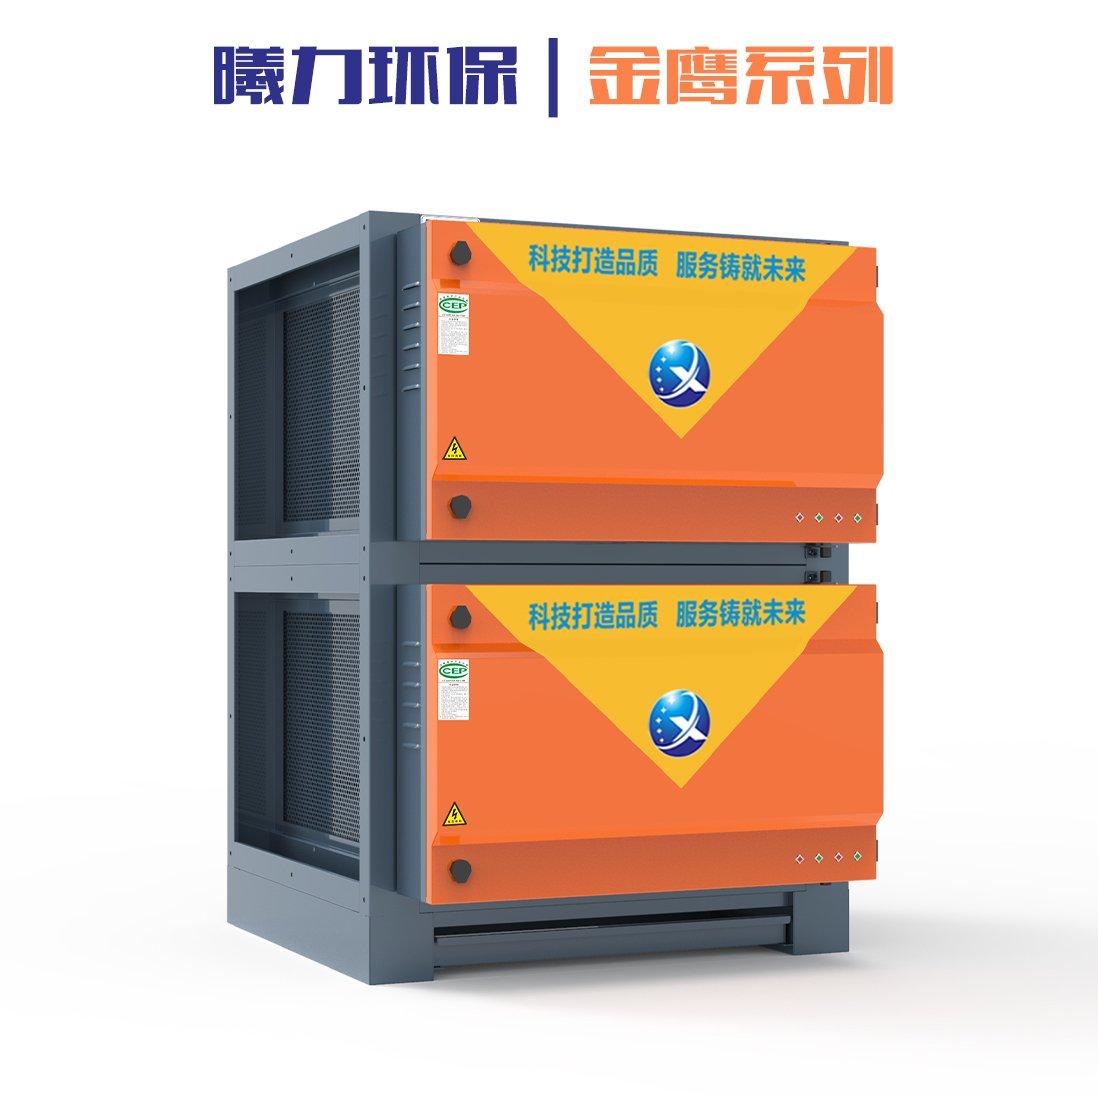 金鹰系列双门立式型净化器